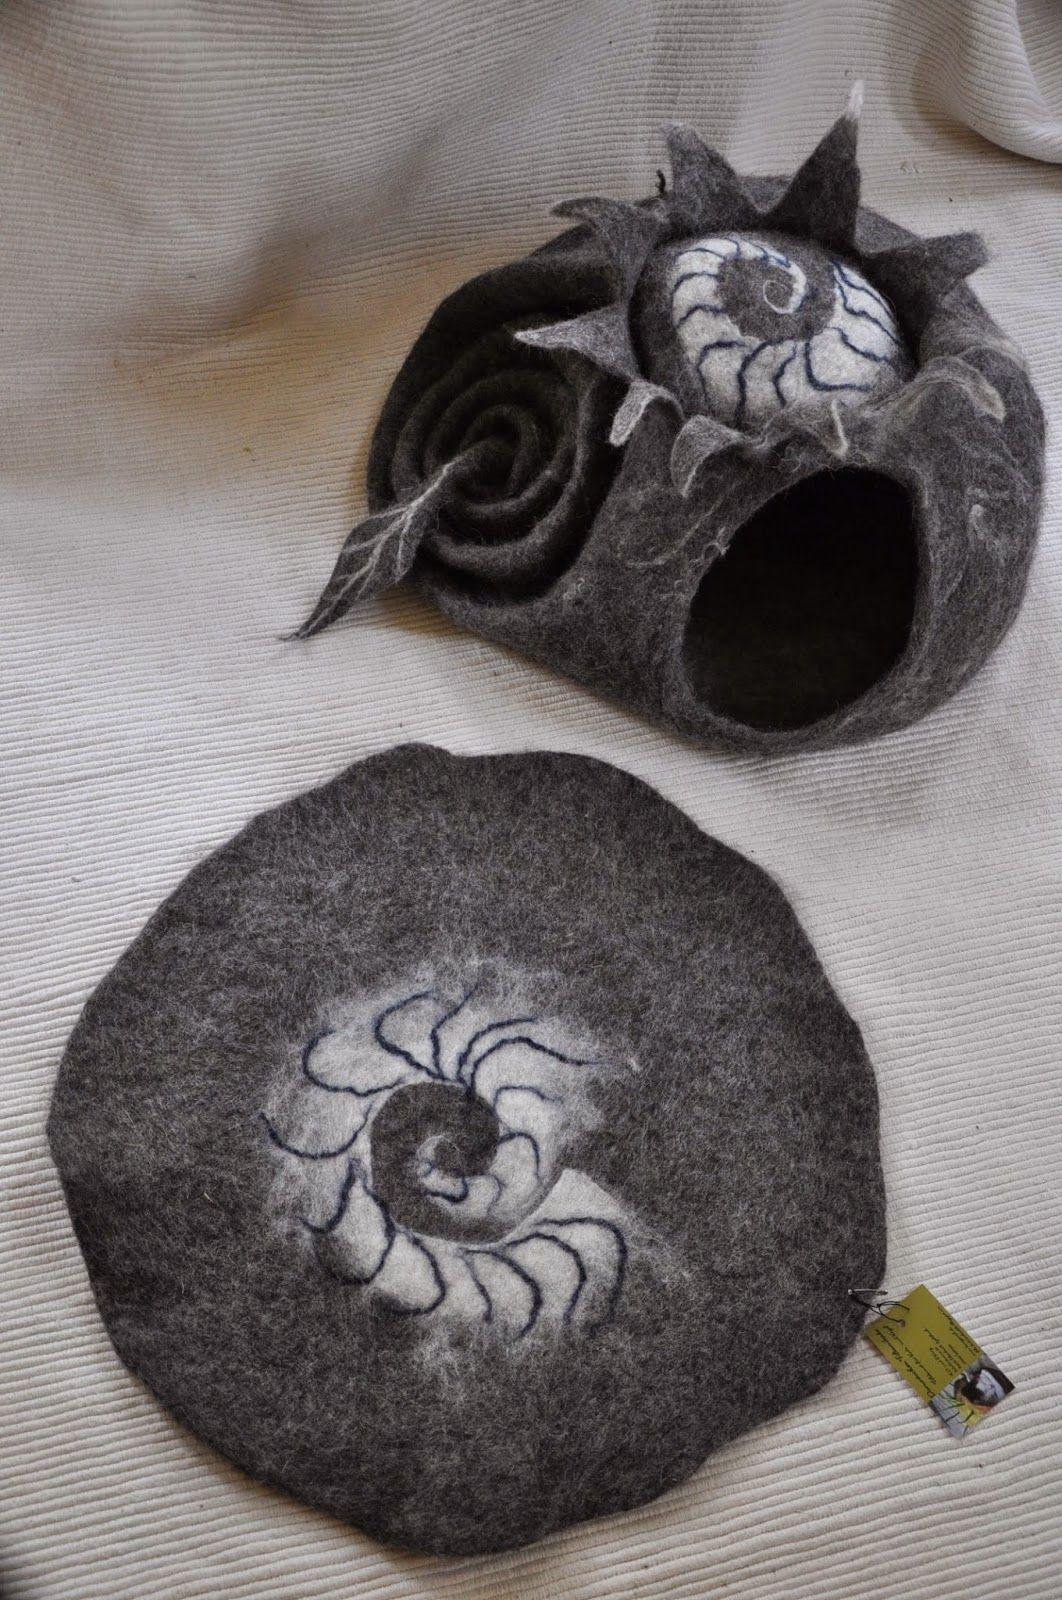 dornr schen filzunikate susanne karg inlays neu im shop. Black Bedroom Furniture Sets. Home Design Ideas